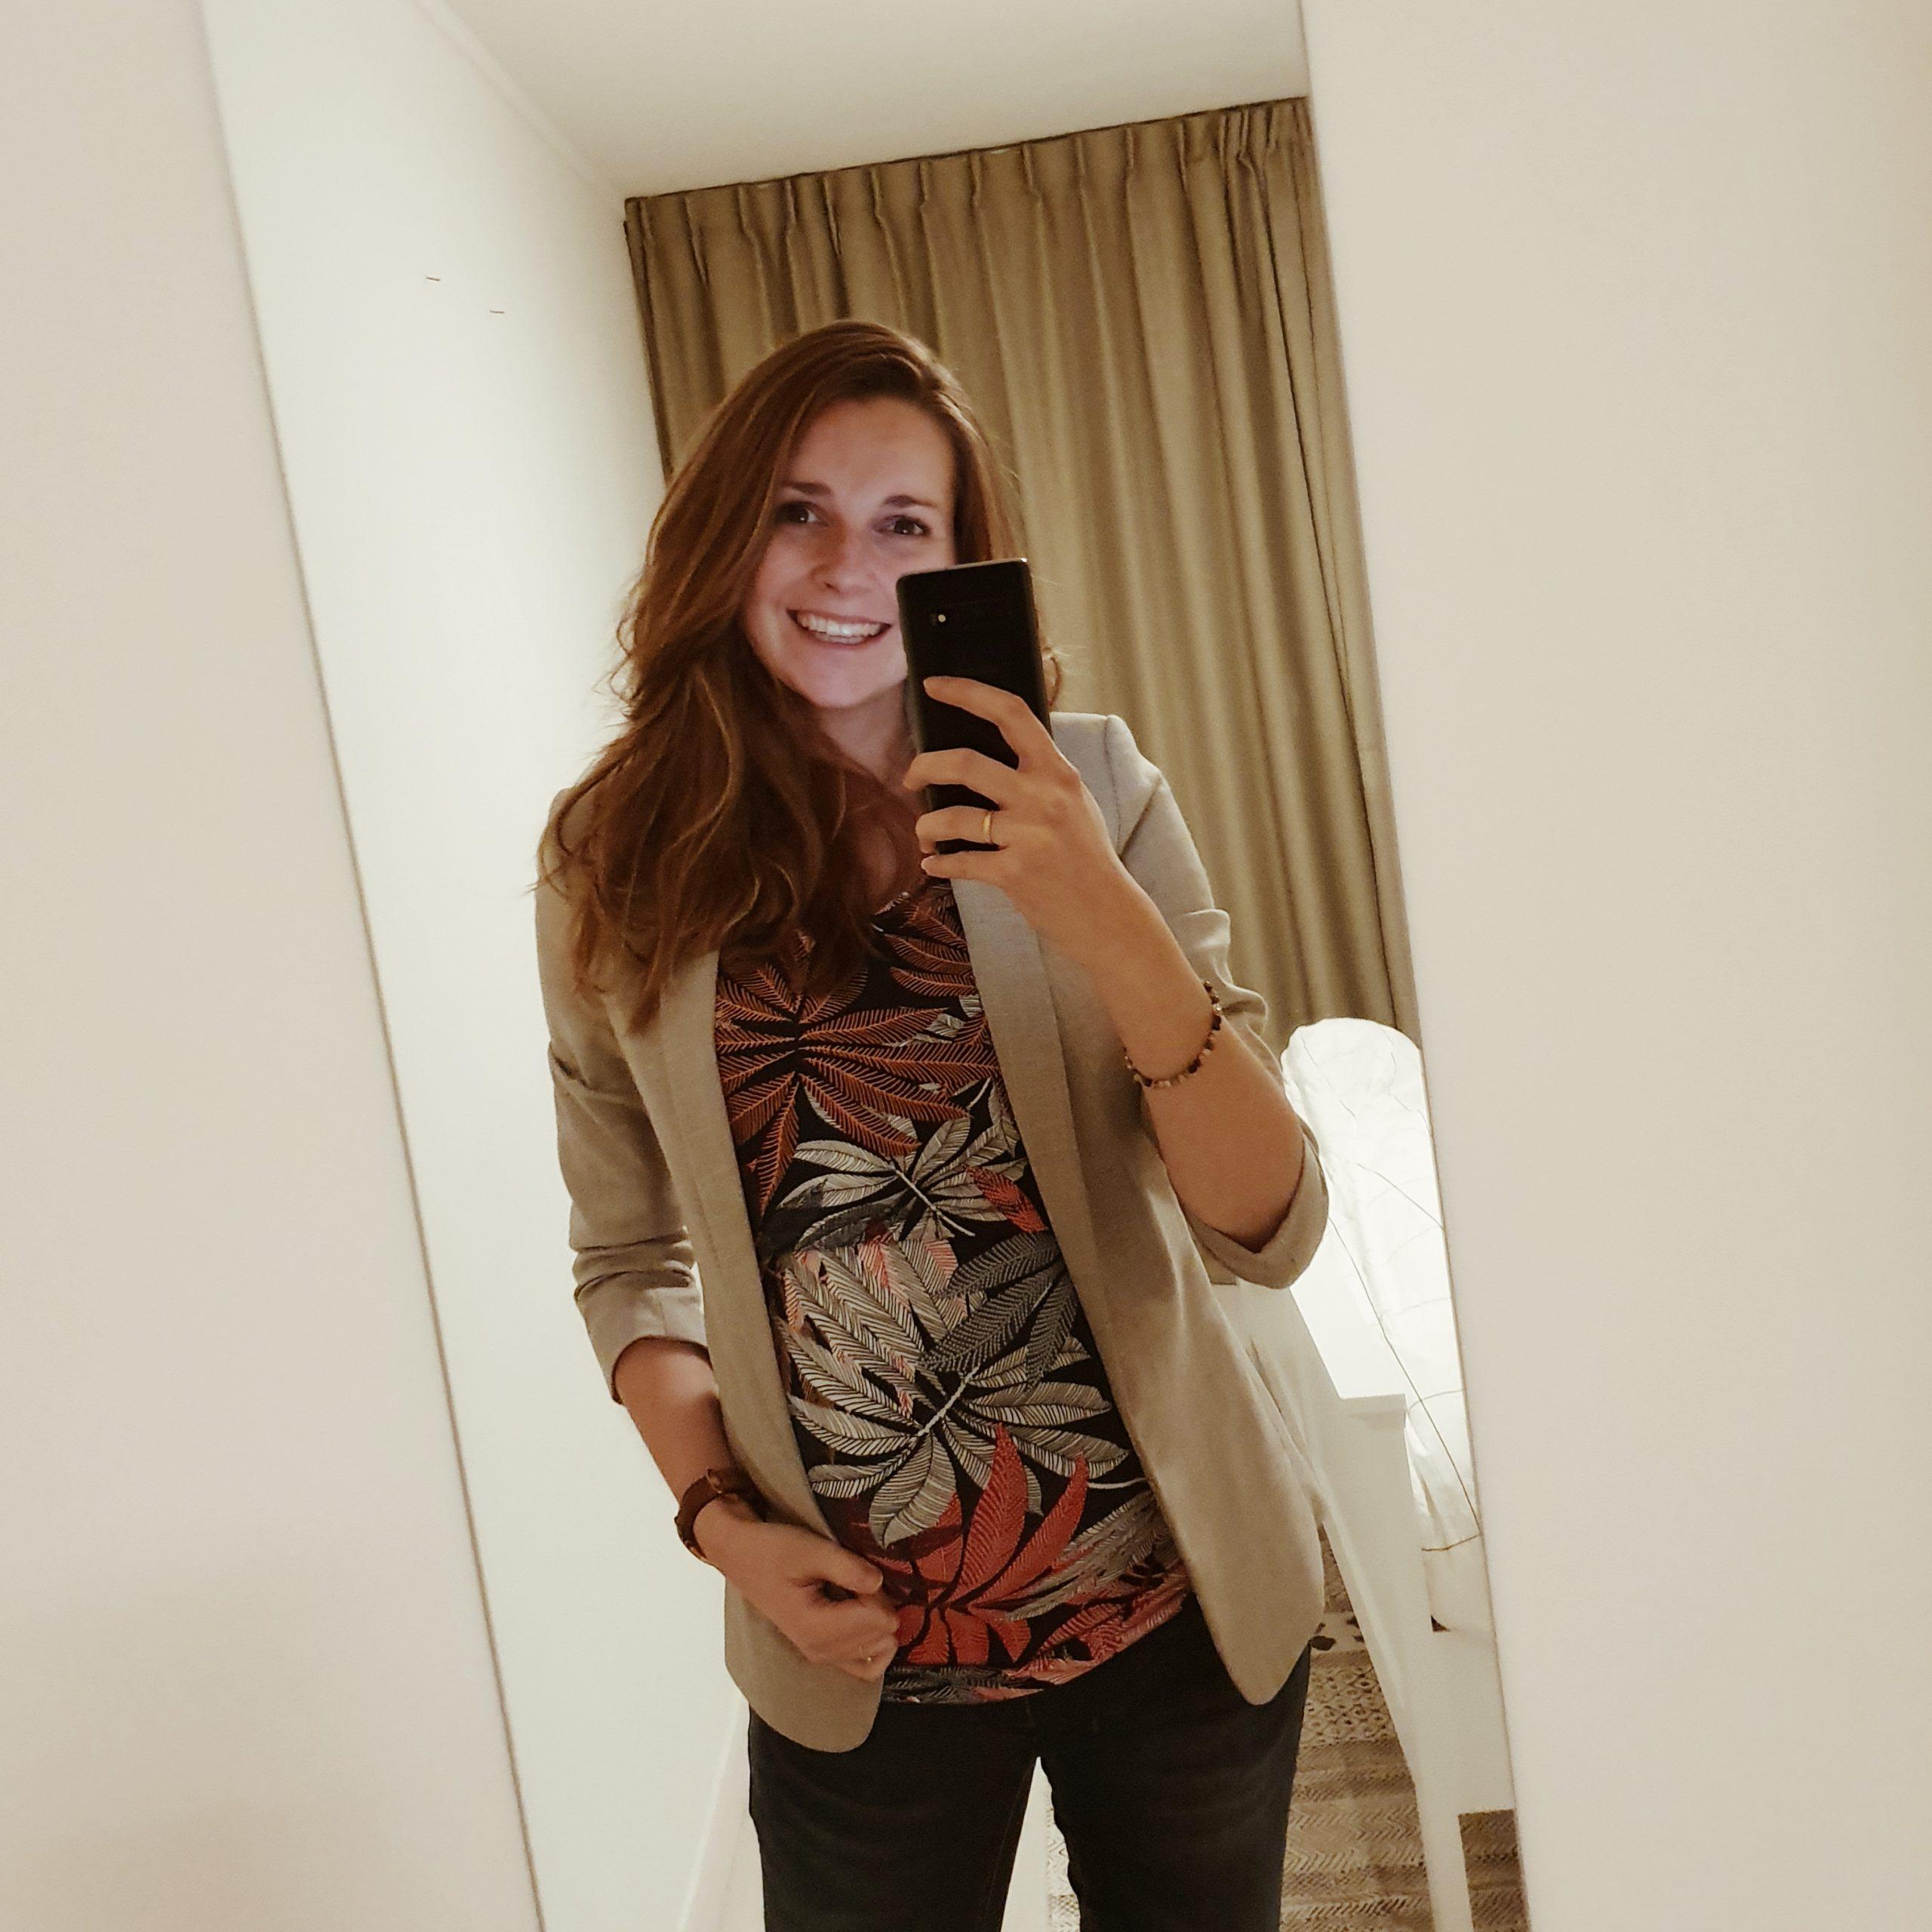 Hoogzwanger – Hoe voorkom je een kledingcrisis?